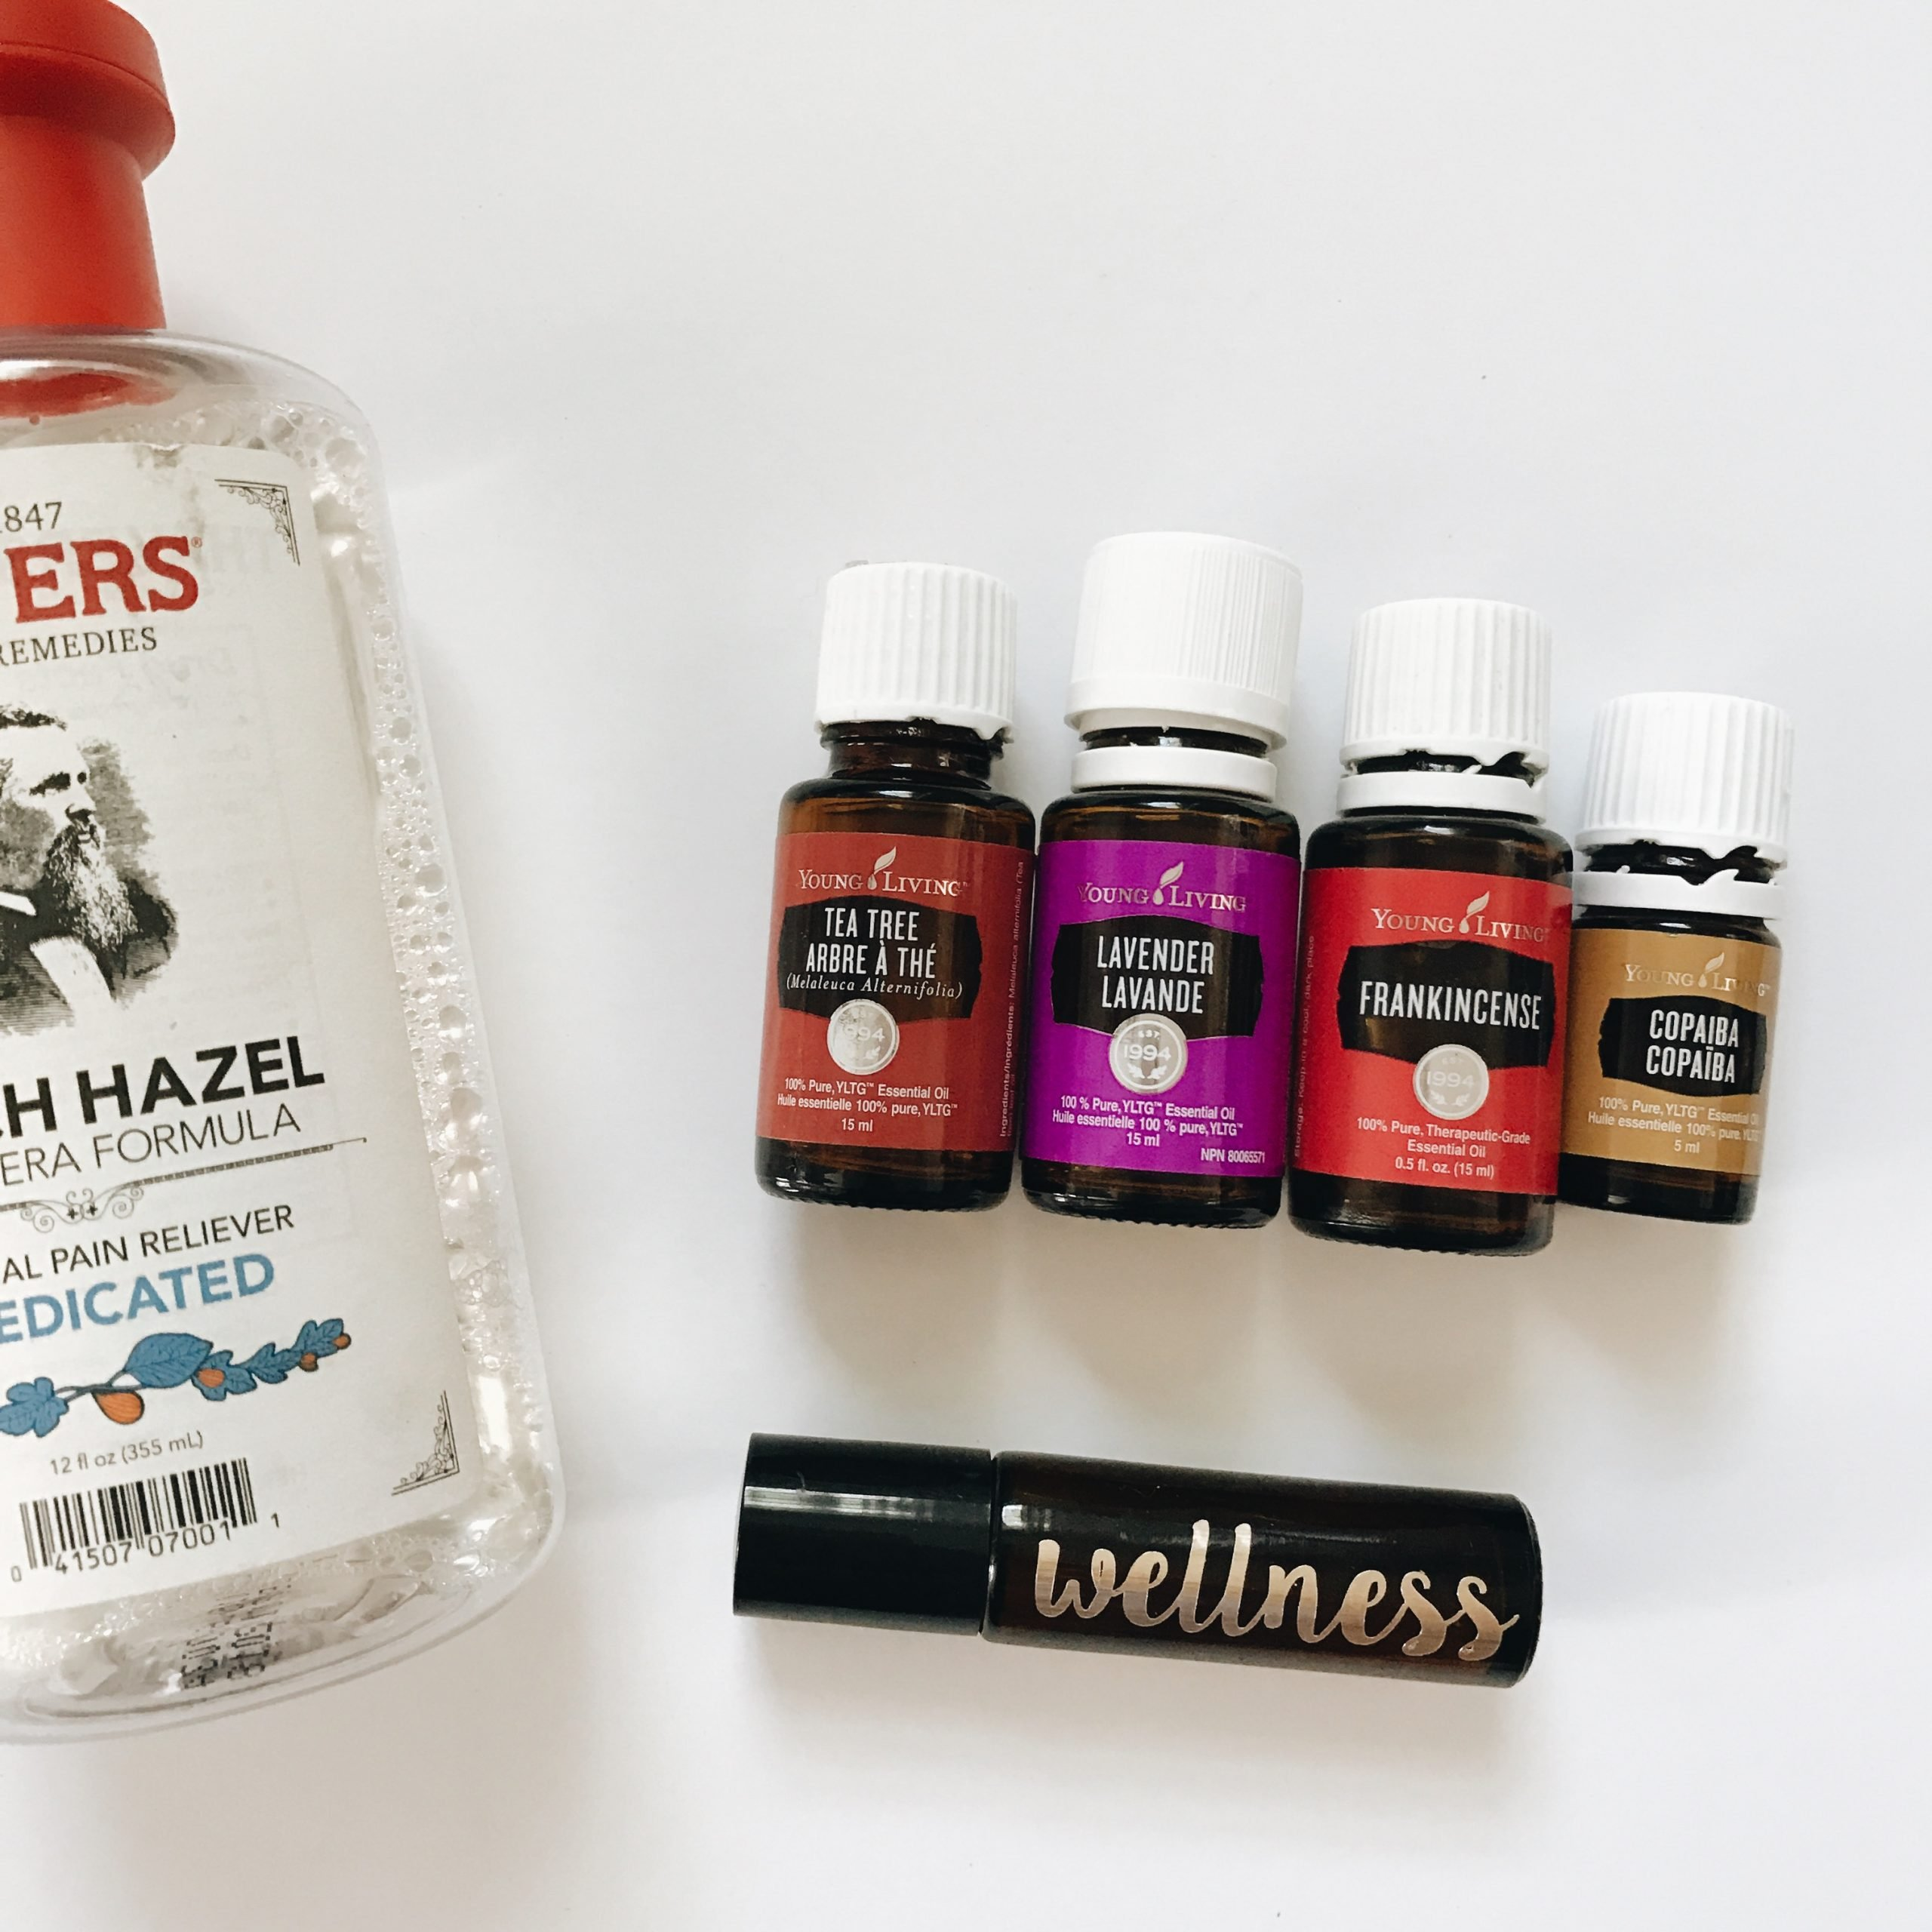 DIY Facial toner with essential oils